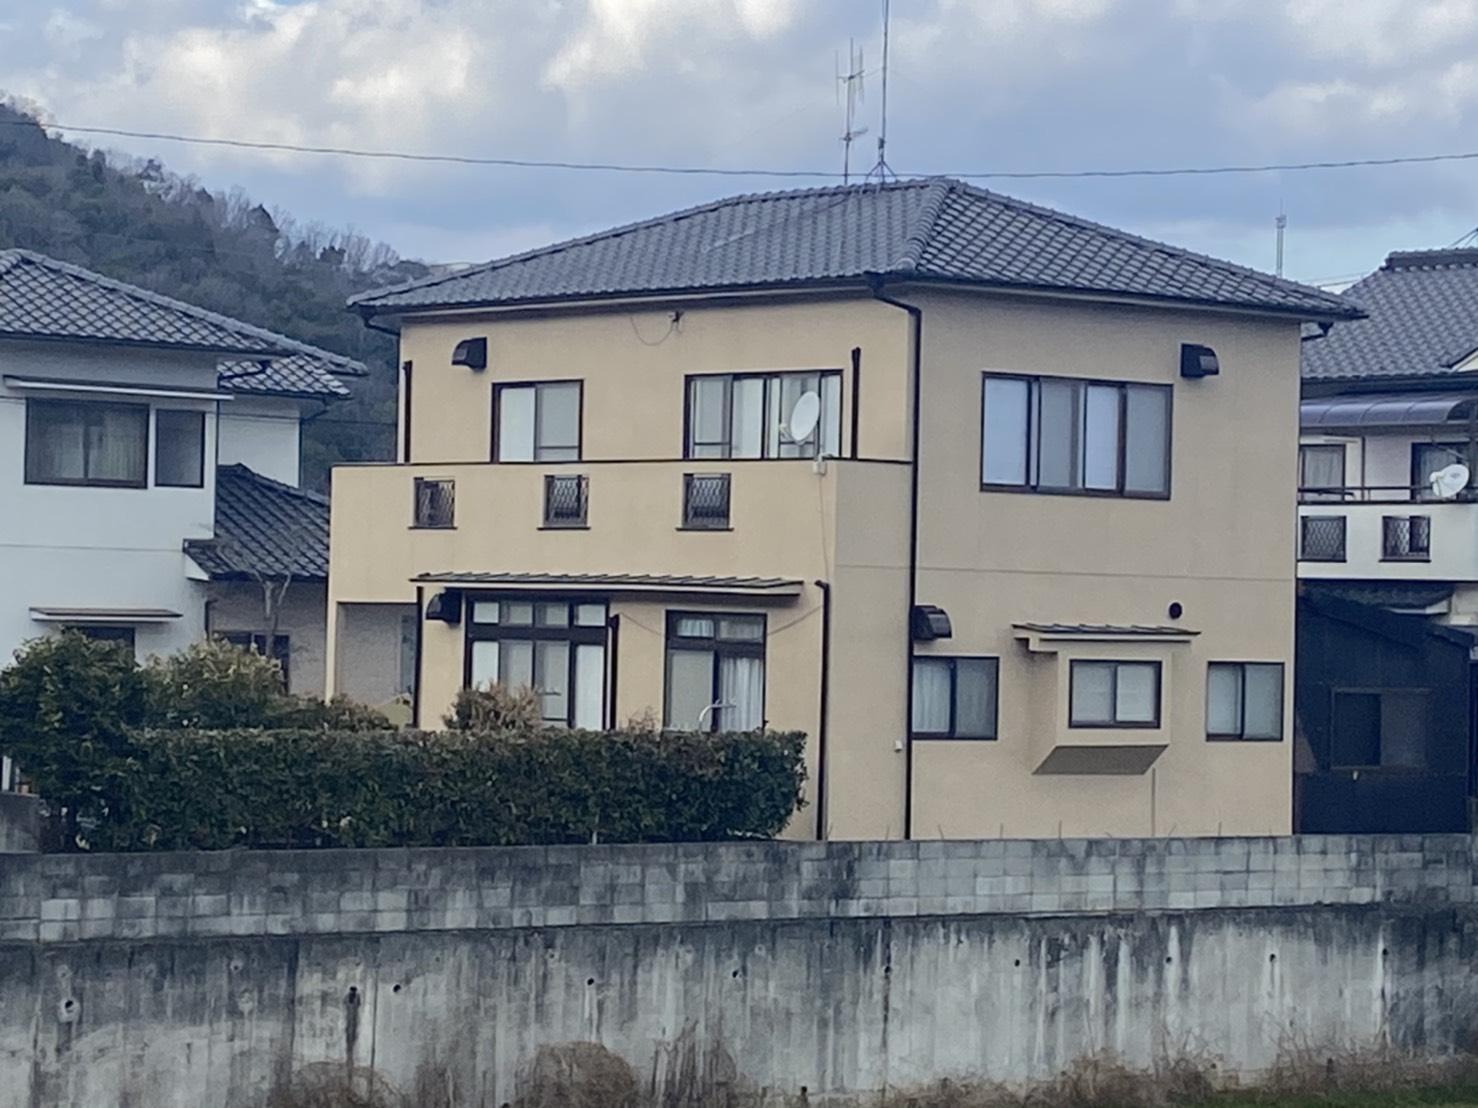 広島県福山市 株式会社ハウスサポート様からのご依頼の元施工させていただきました。